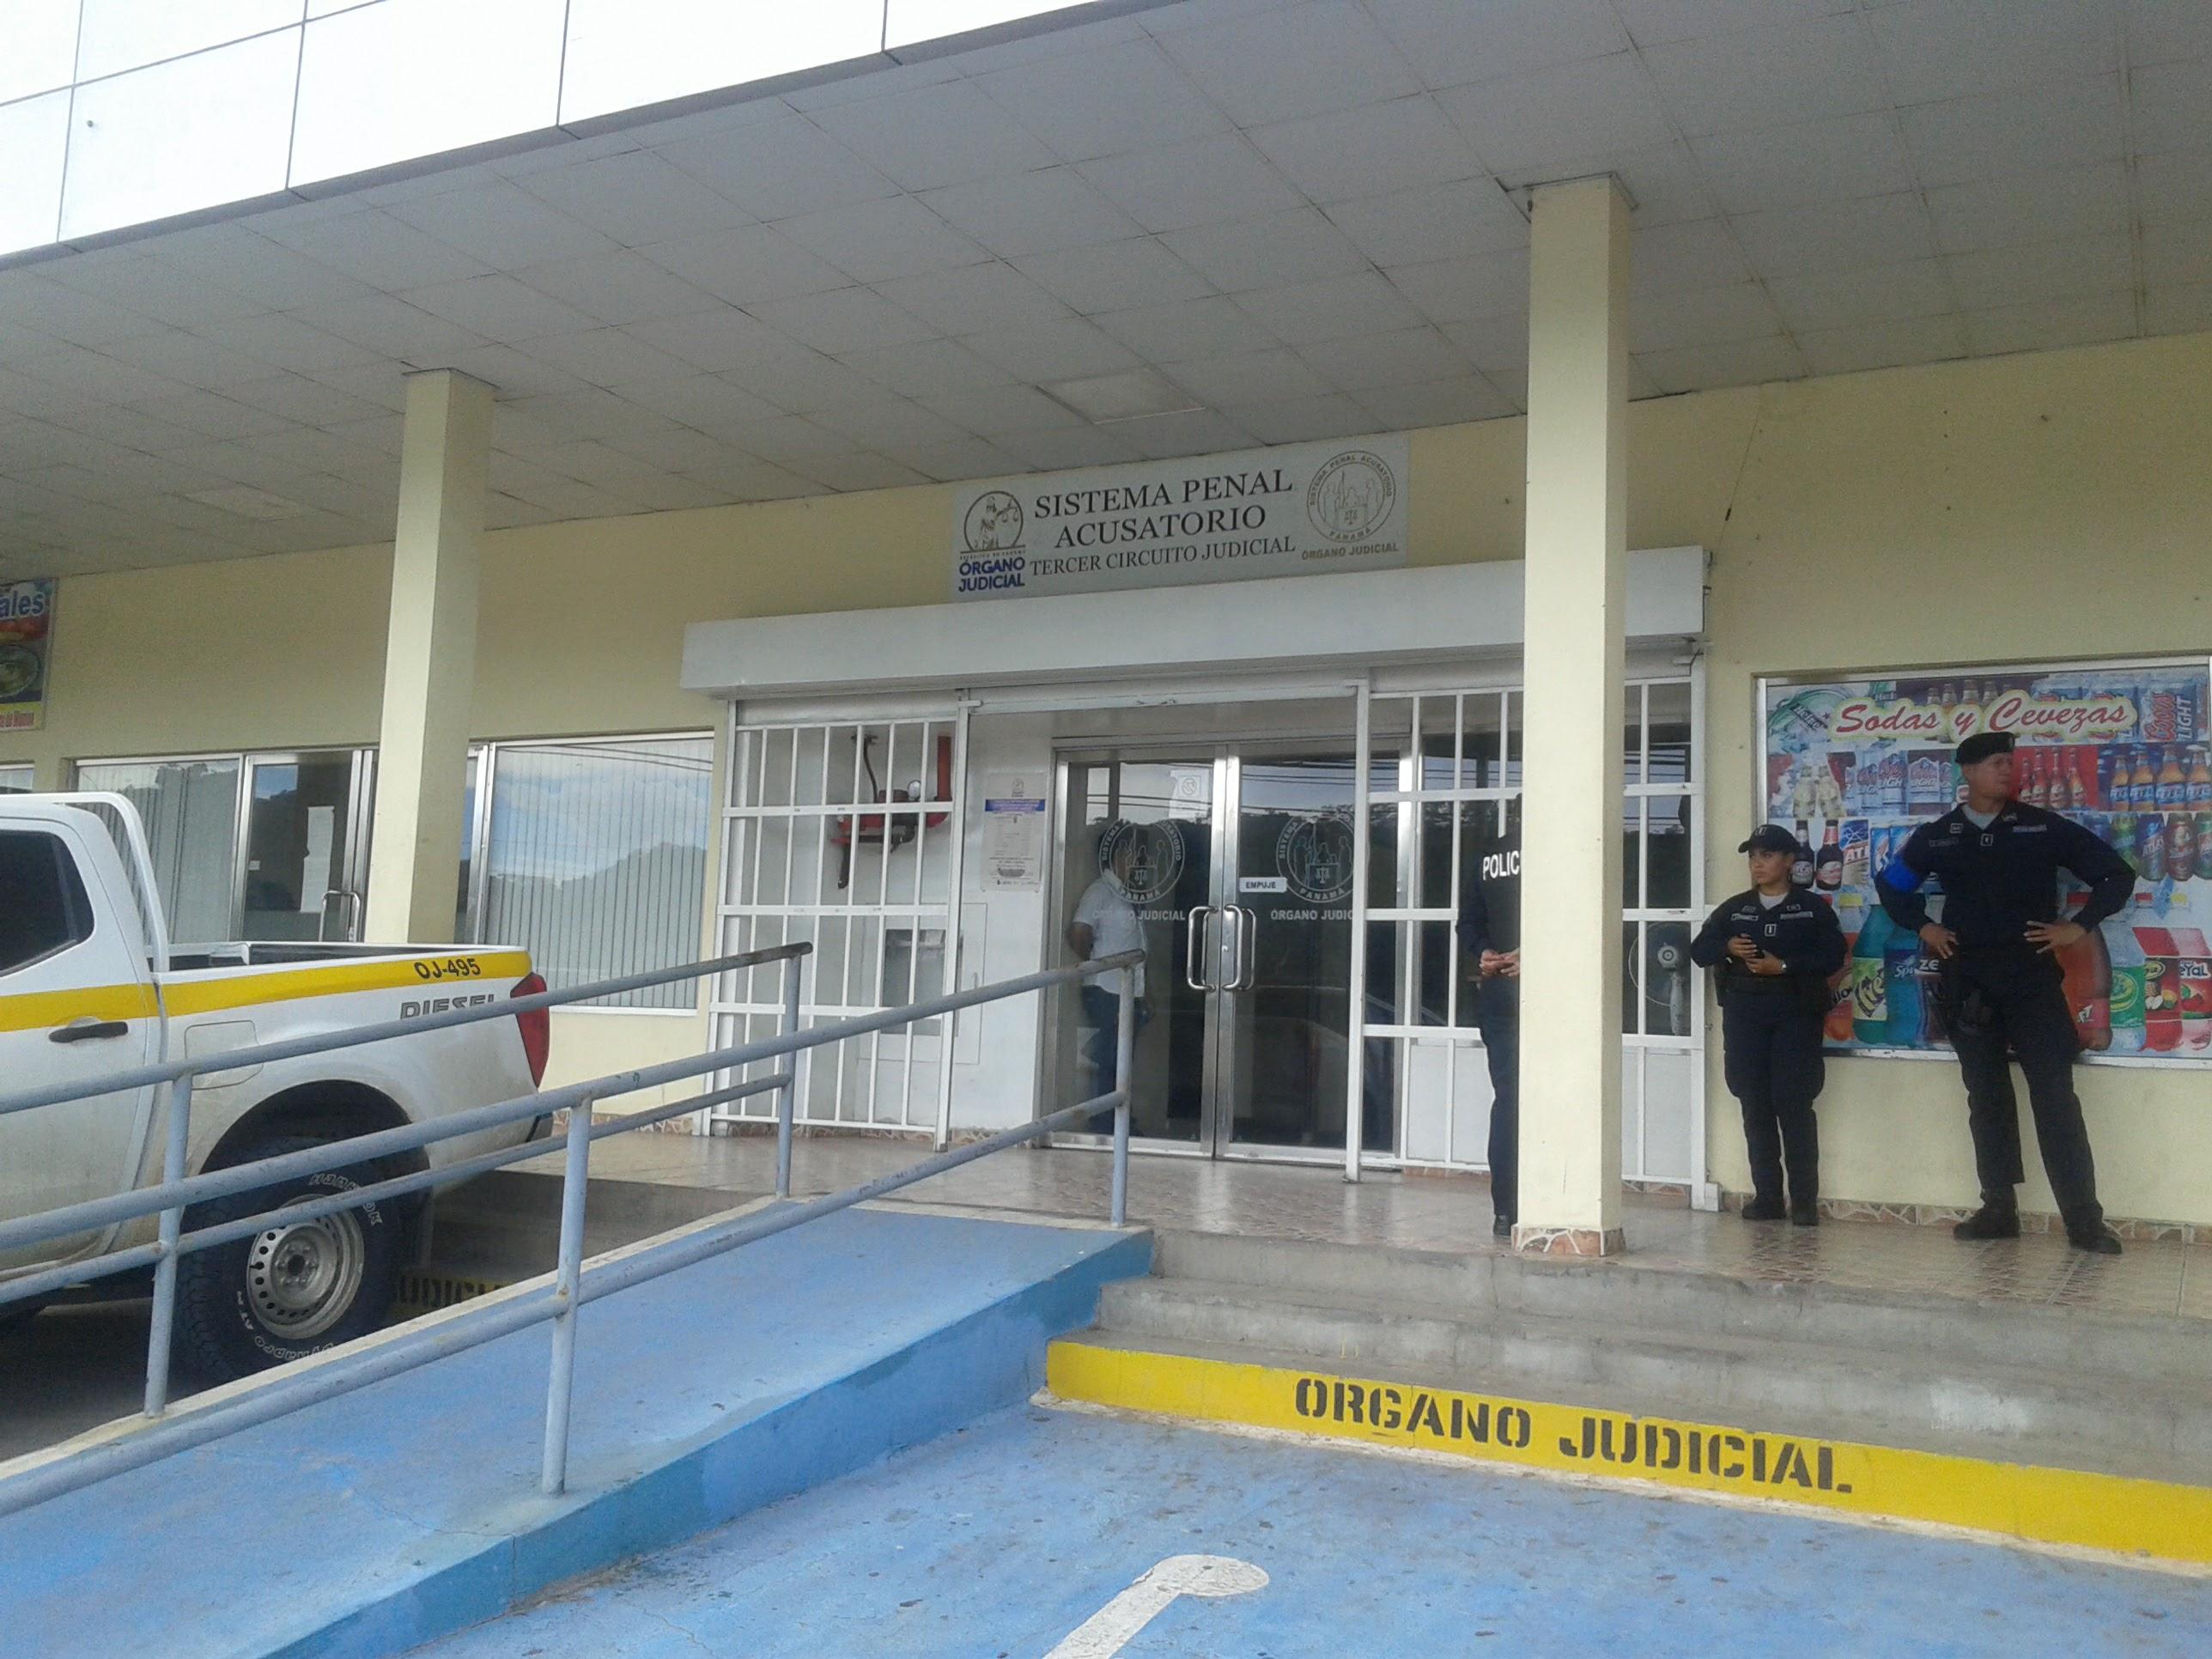 Circuito Judicial Penal : Suontraj seccional mÉrida reconocimientos en el circuito judicial